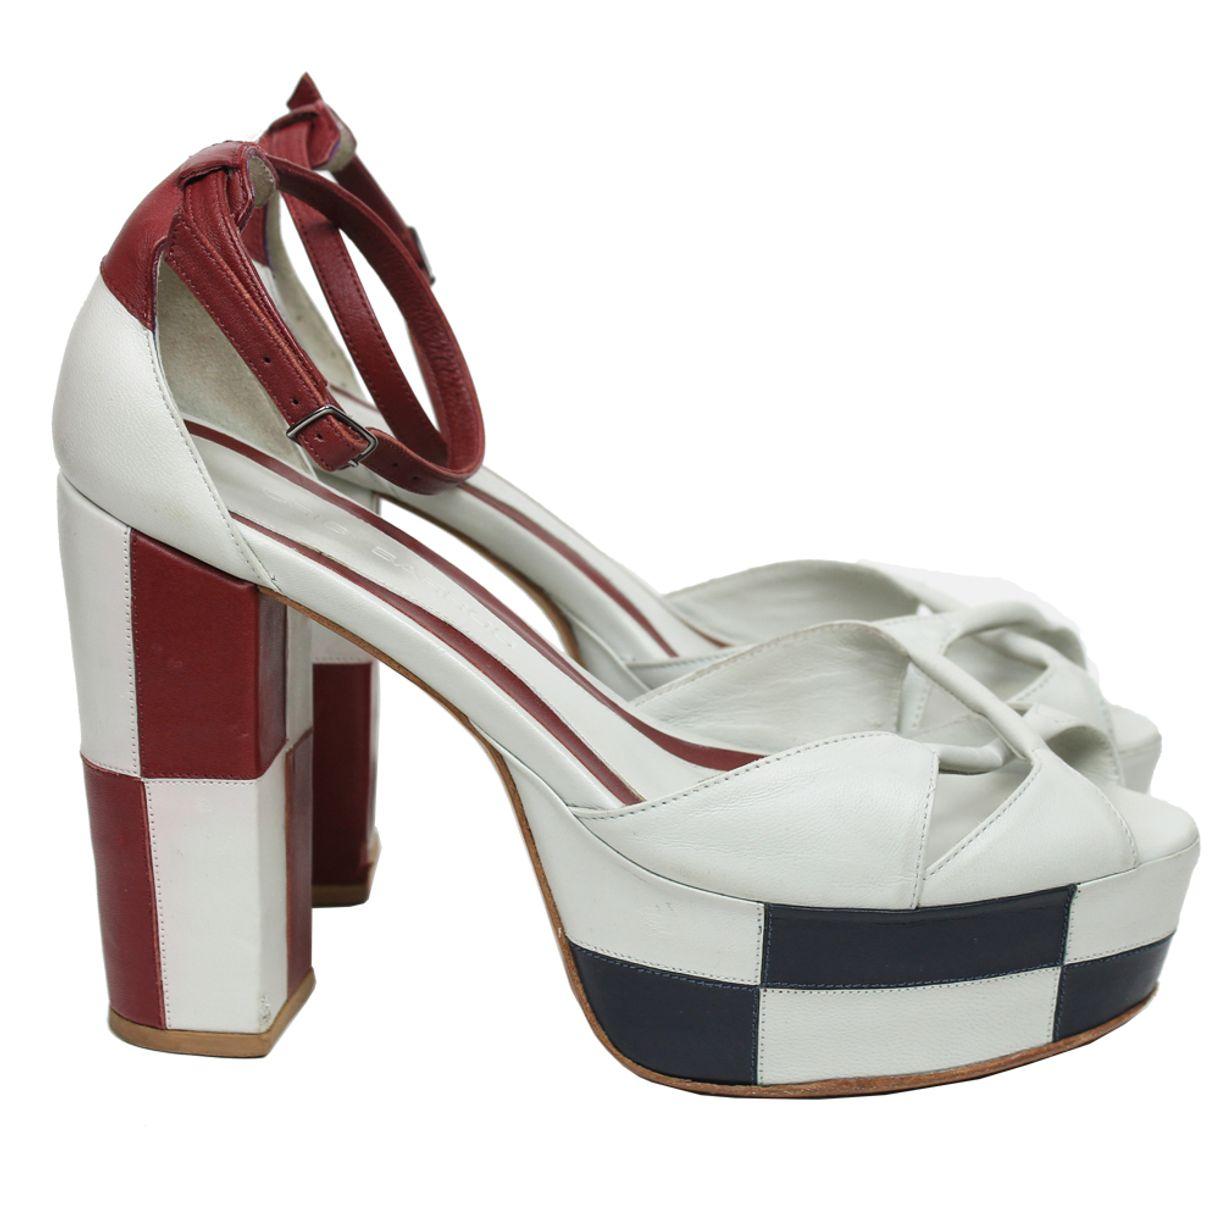 2514-sandalia-cris-barros-couro-off-white-e-vermelho-1